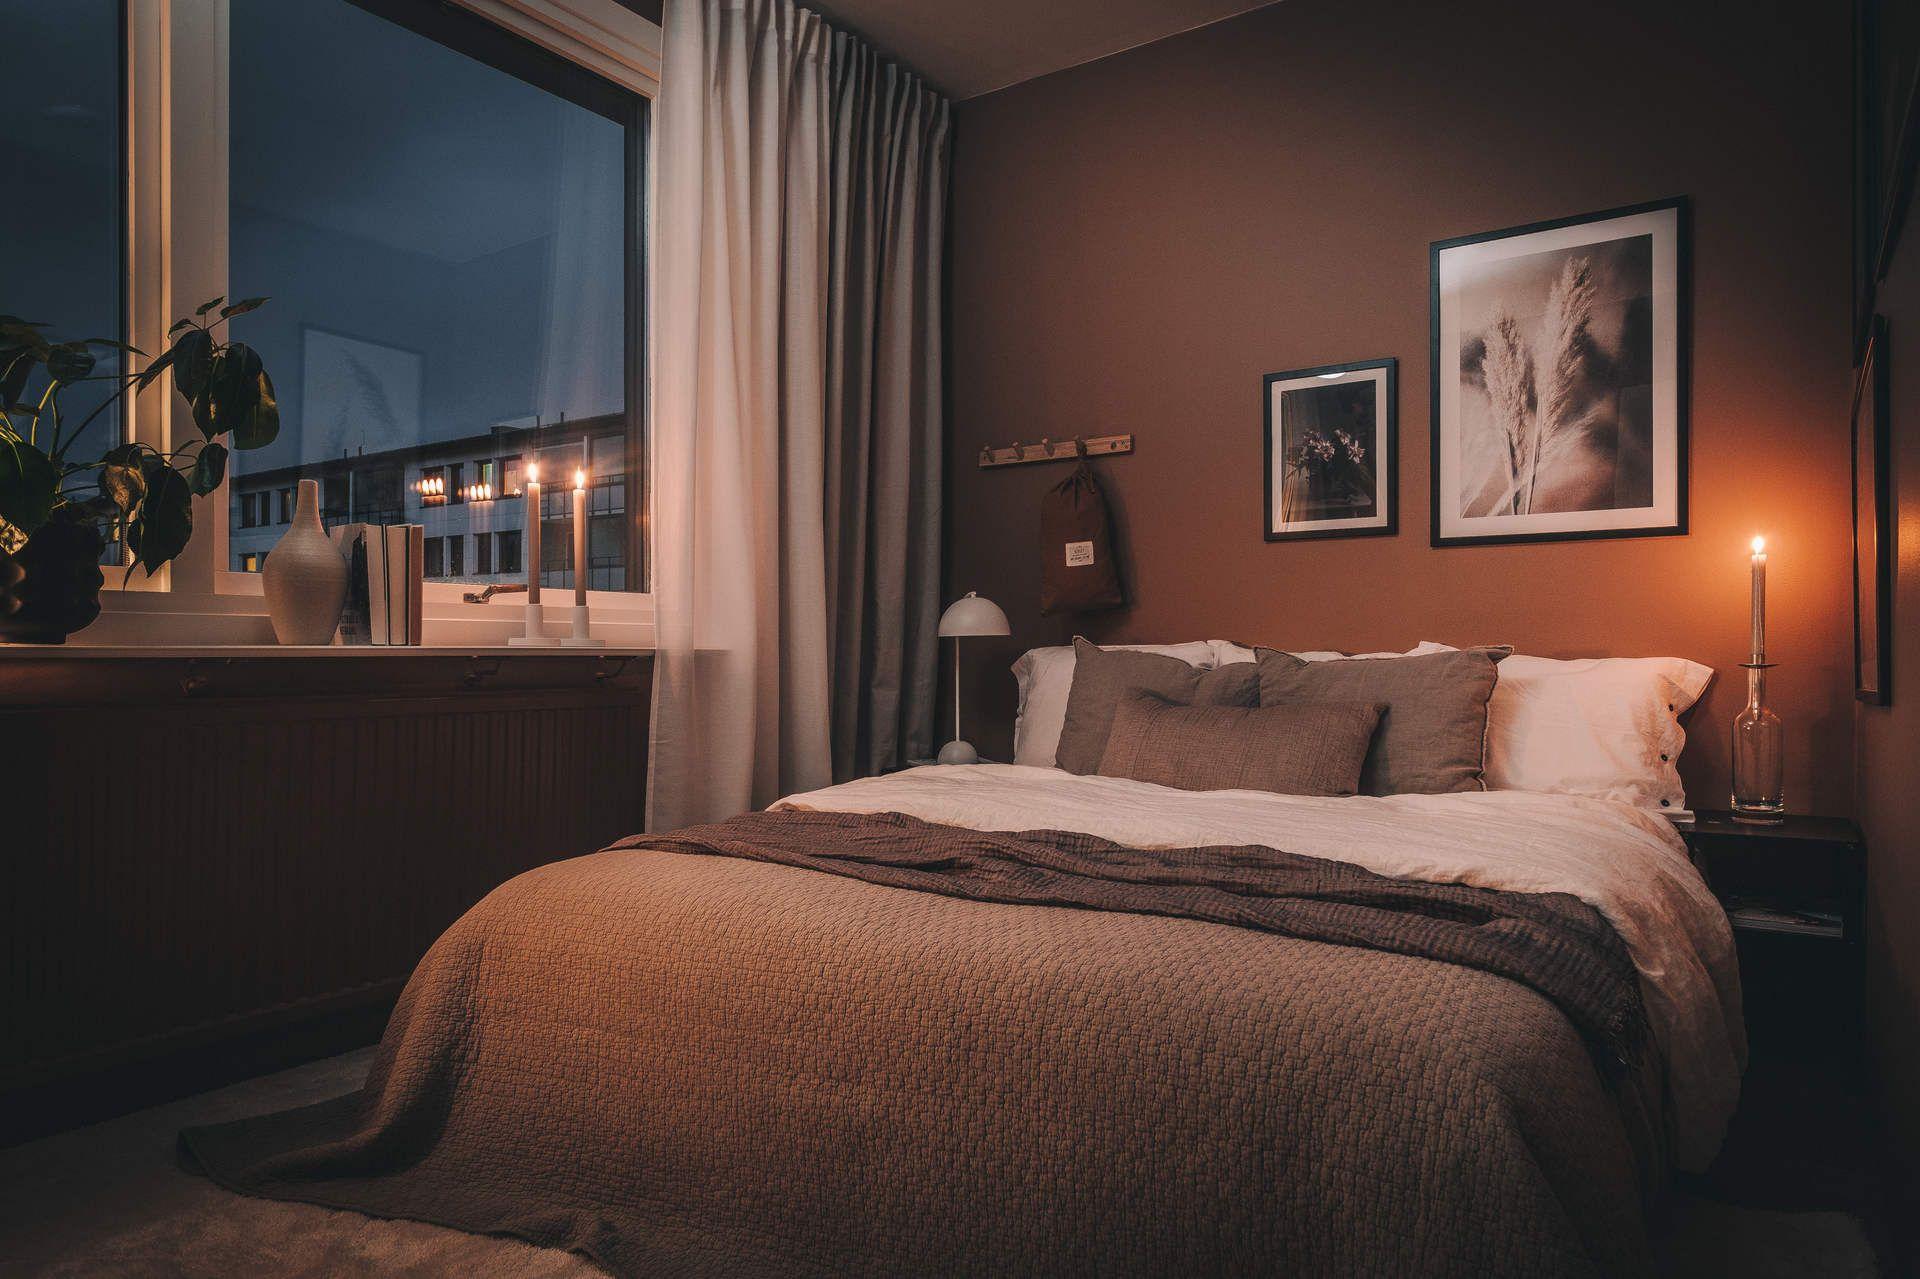 Cet Appartement De Deux Pieces De 40m2 Est Parfait Pour Les